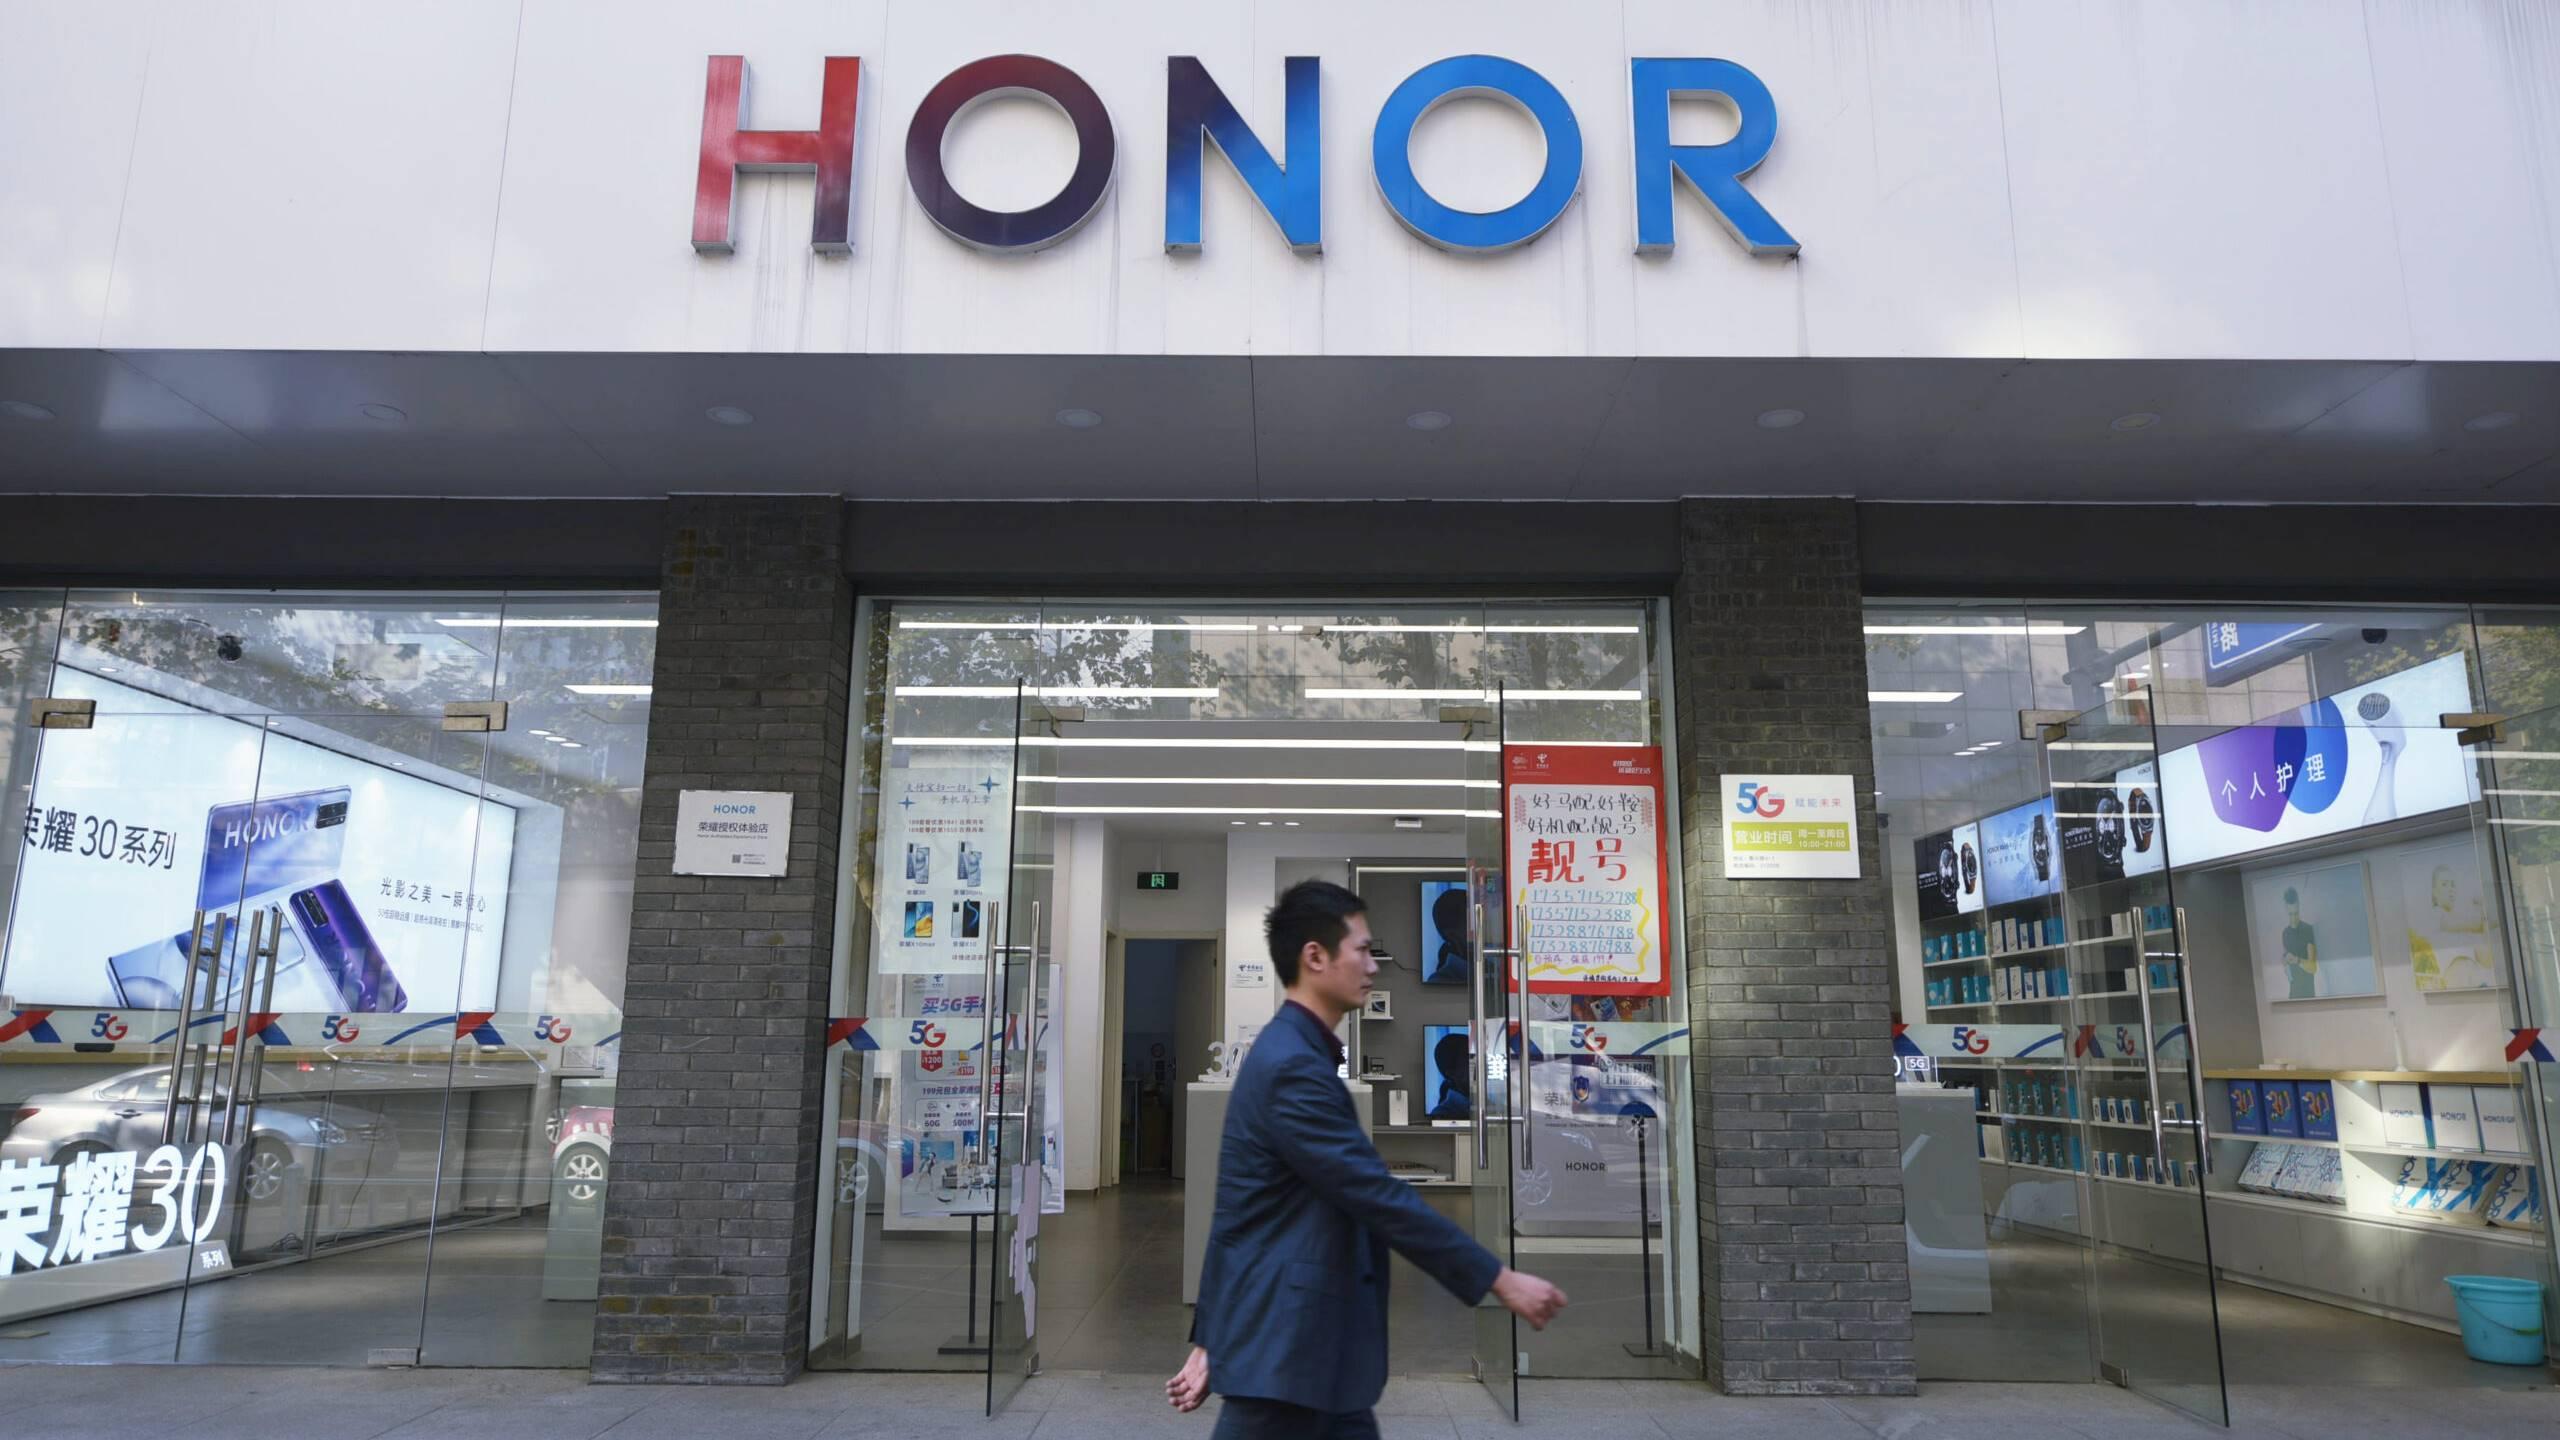 Sin las restricciones que sufre Huawei pero con su I+D, Honor va por sector de cómputo profesional